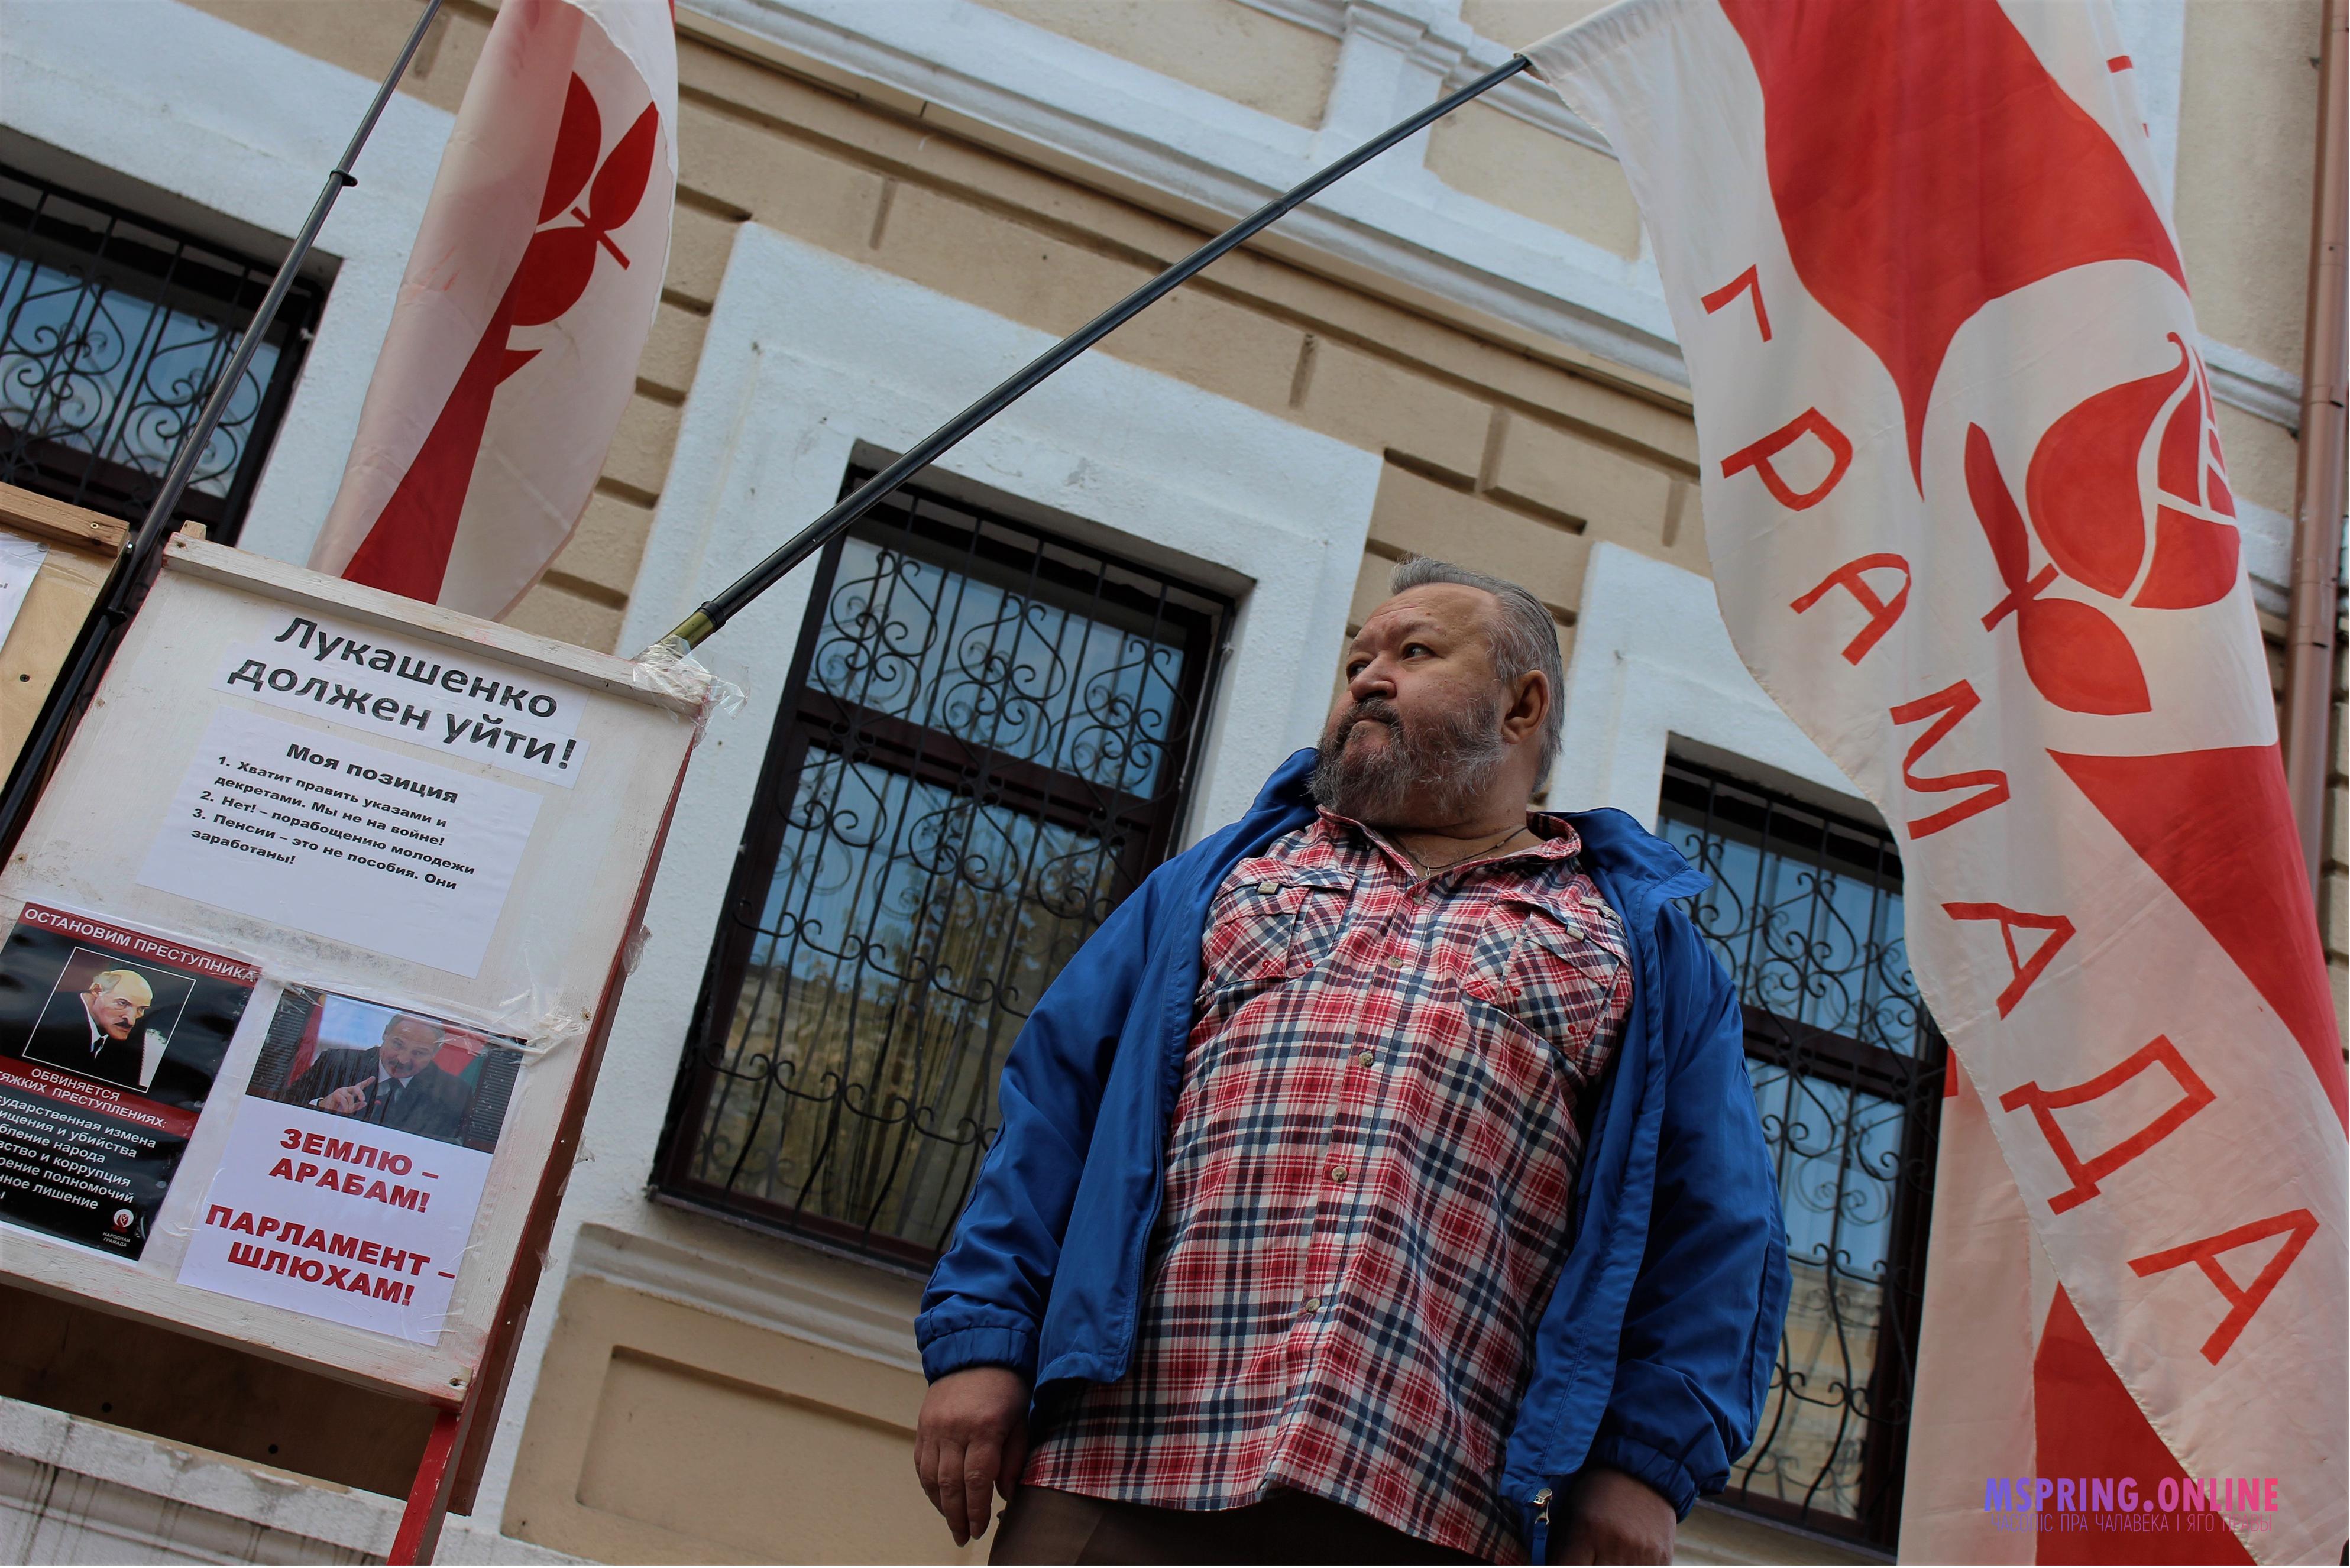 Статкевич, Лукашенко, Лукашенко и плечики «тихаря». В Могилеве прошёл самый яркий политический митинг года ФОТО